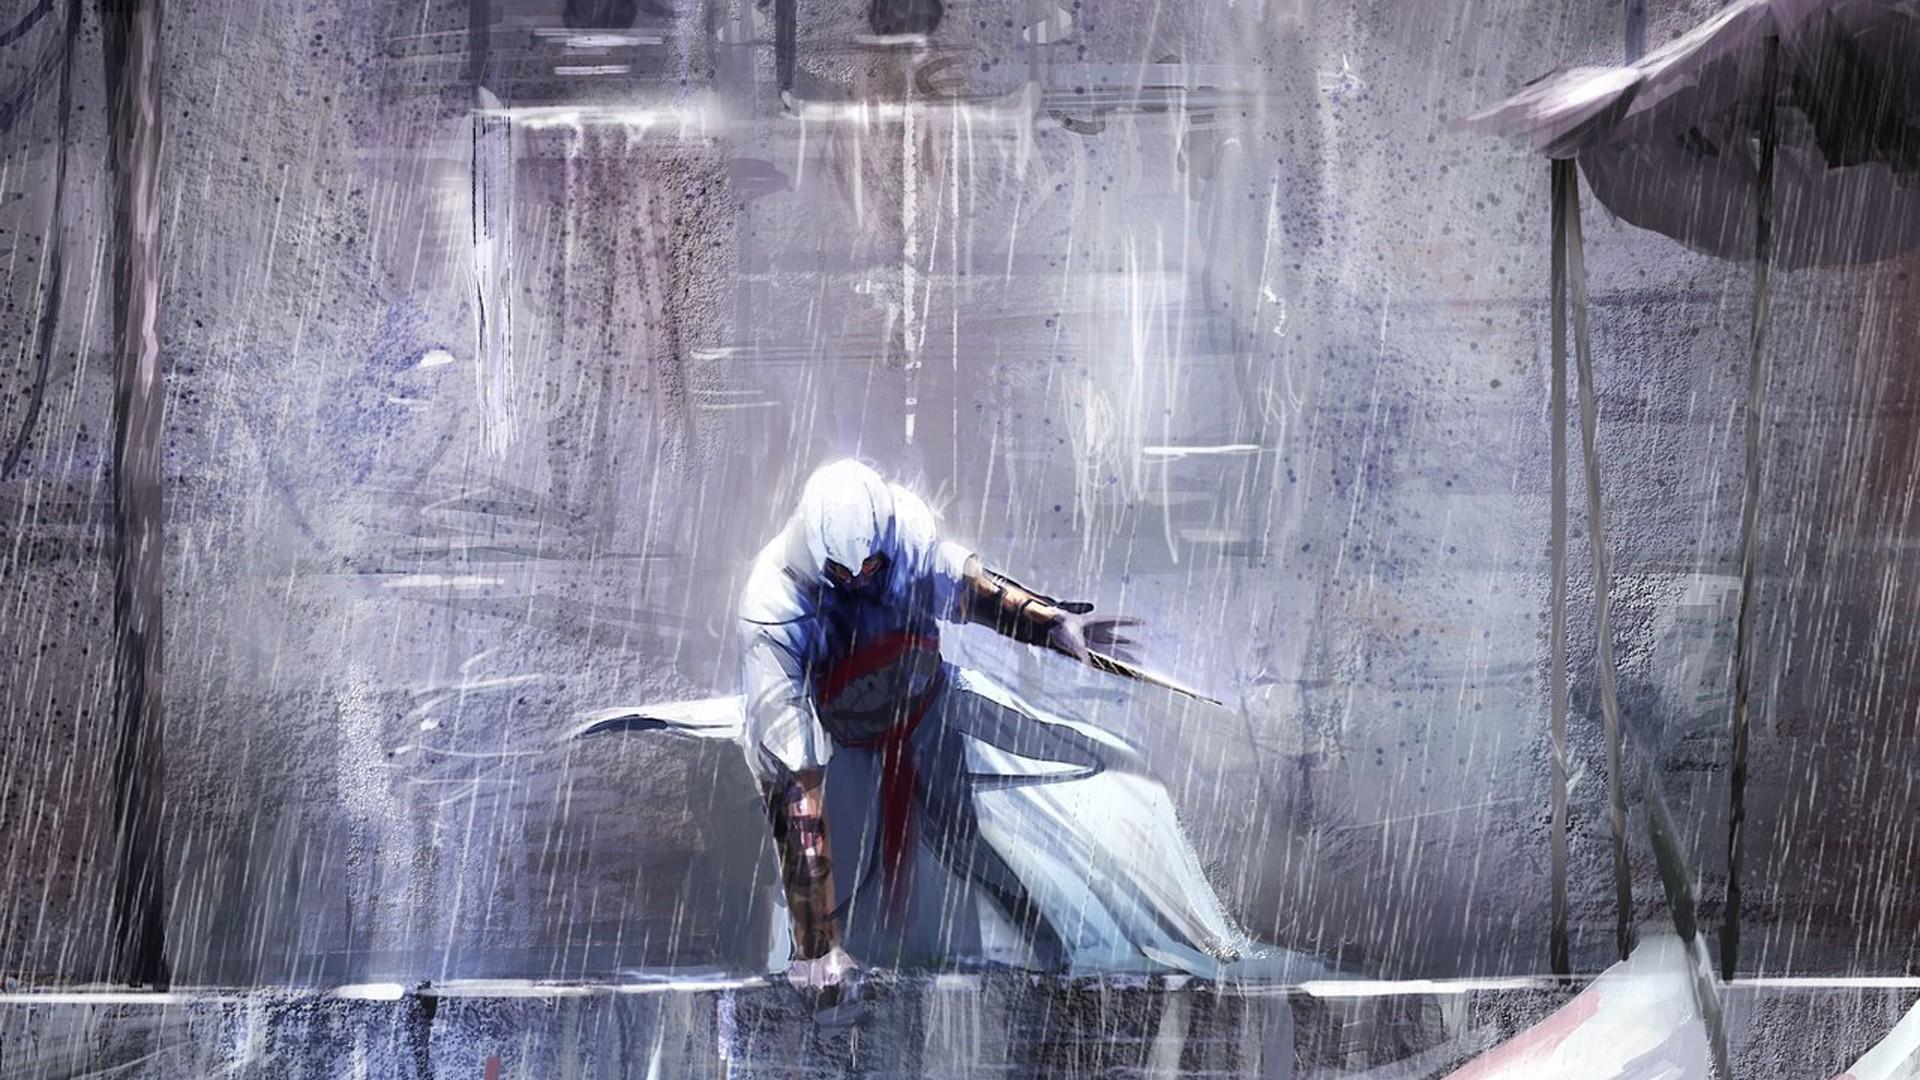 唯美创意动态壁纸_唯美创意壁纸